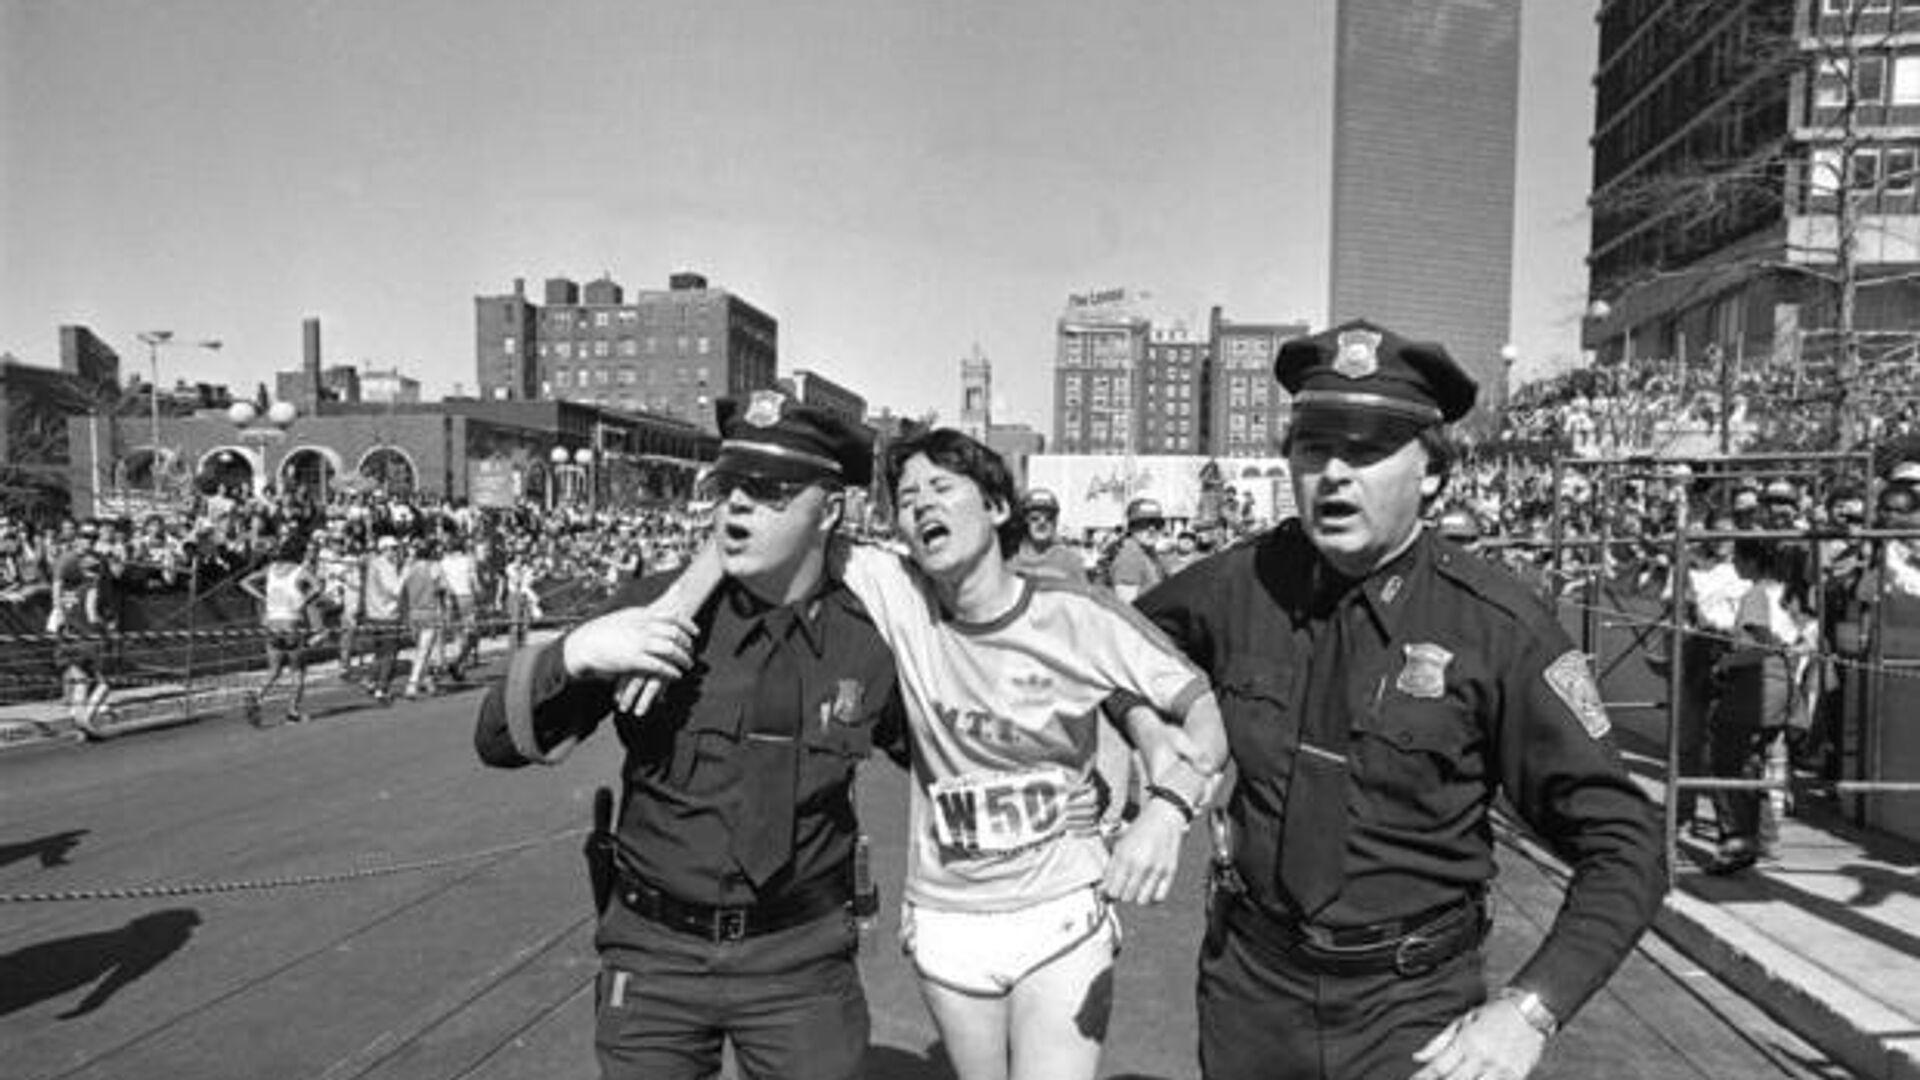 Американская бегунья Рози Руис на Бостонском марафоне - РИА Новости, 1920, 23.04.2021